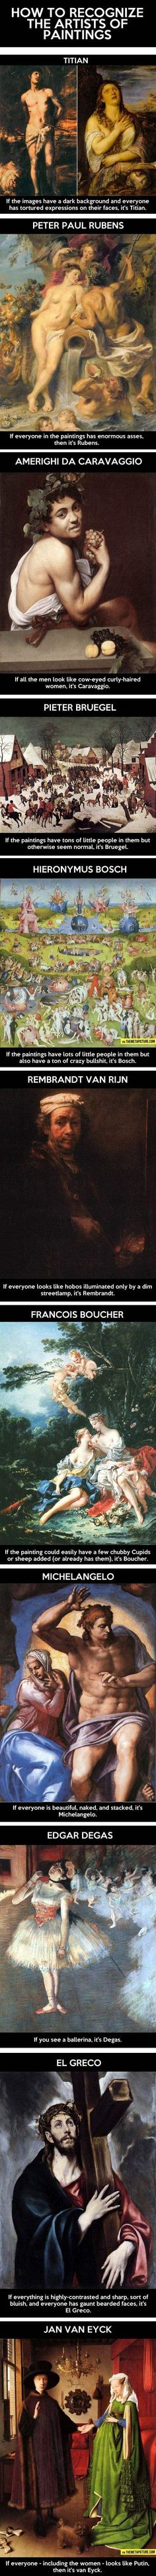 Hahahaha I found this wayyy funnier than I should have... Art History probs